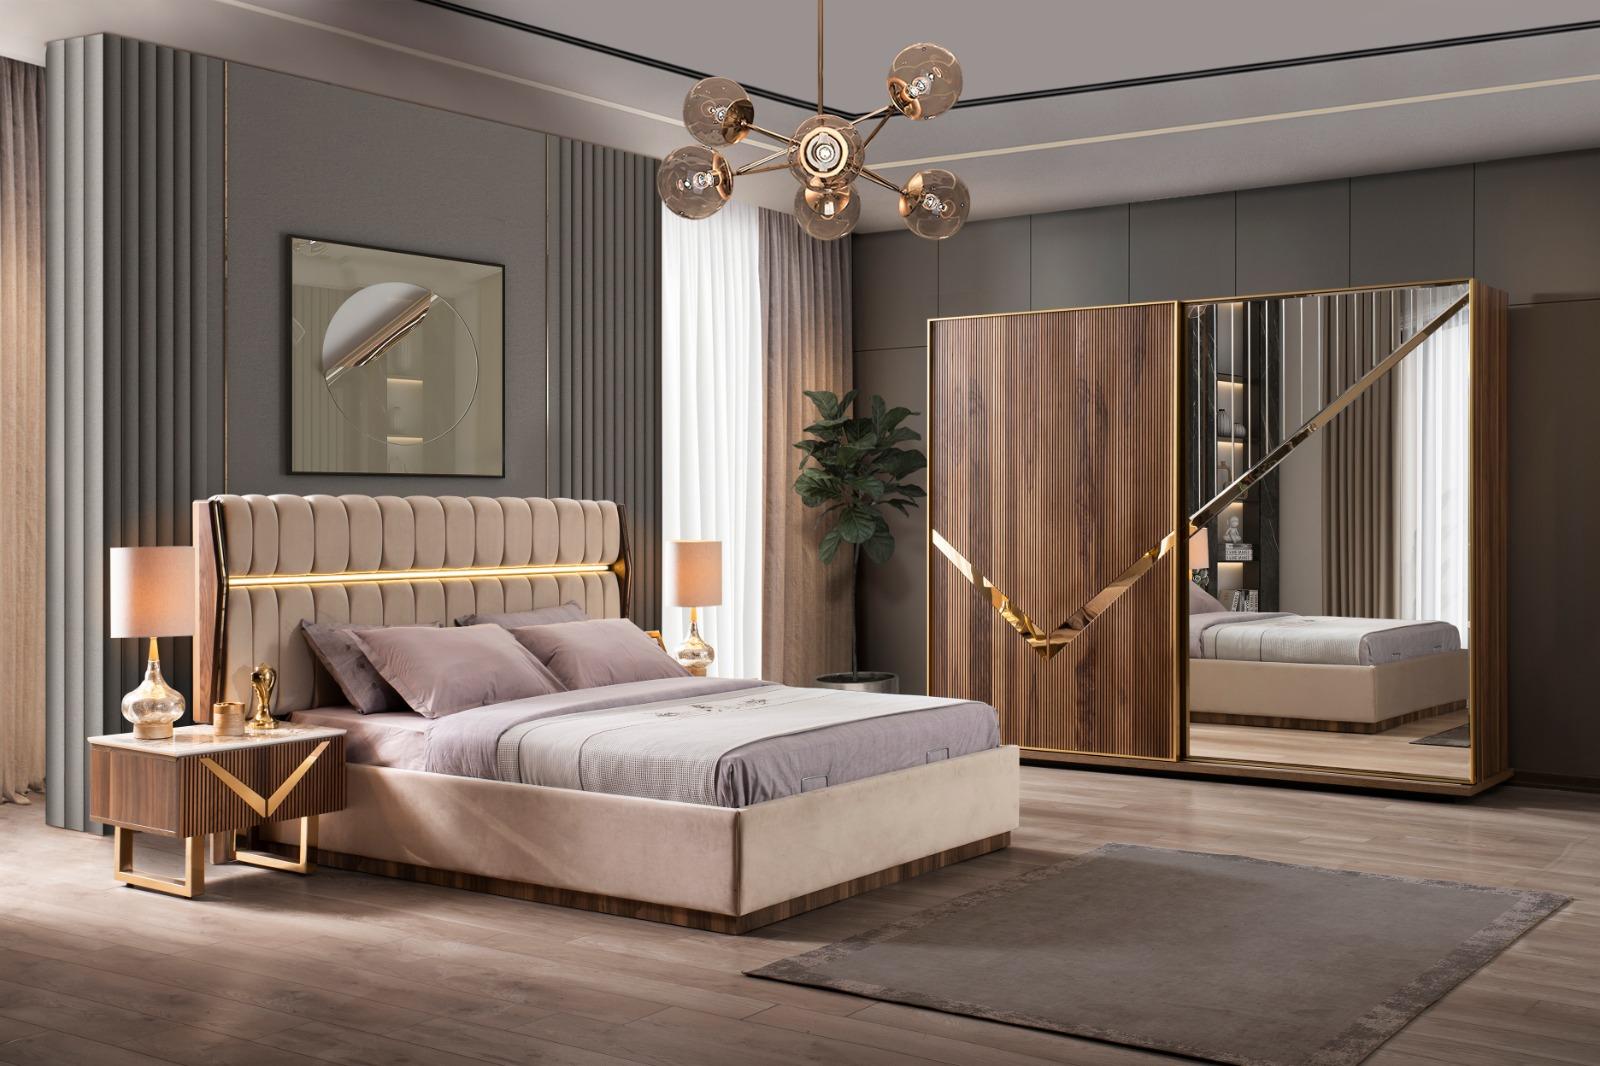 Lake Schlafzimmer Venus Gold Set Holzoptik 4-teilig